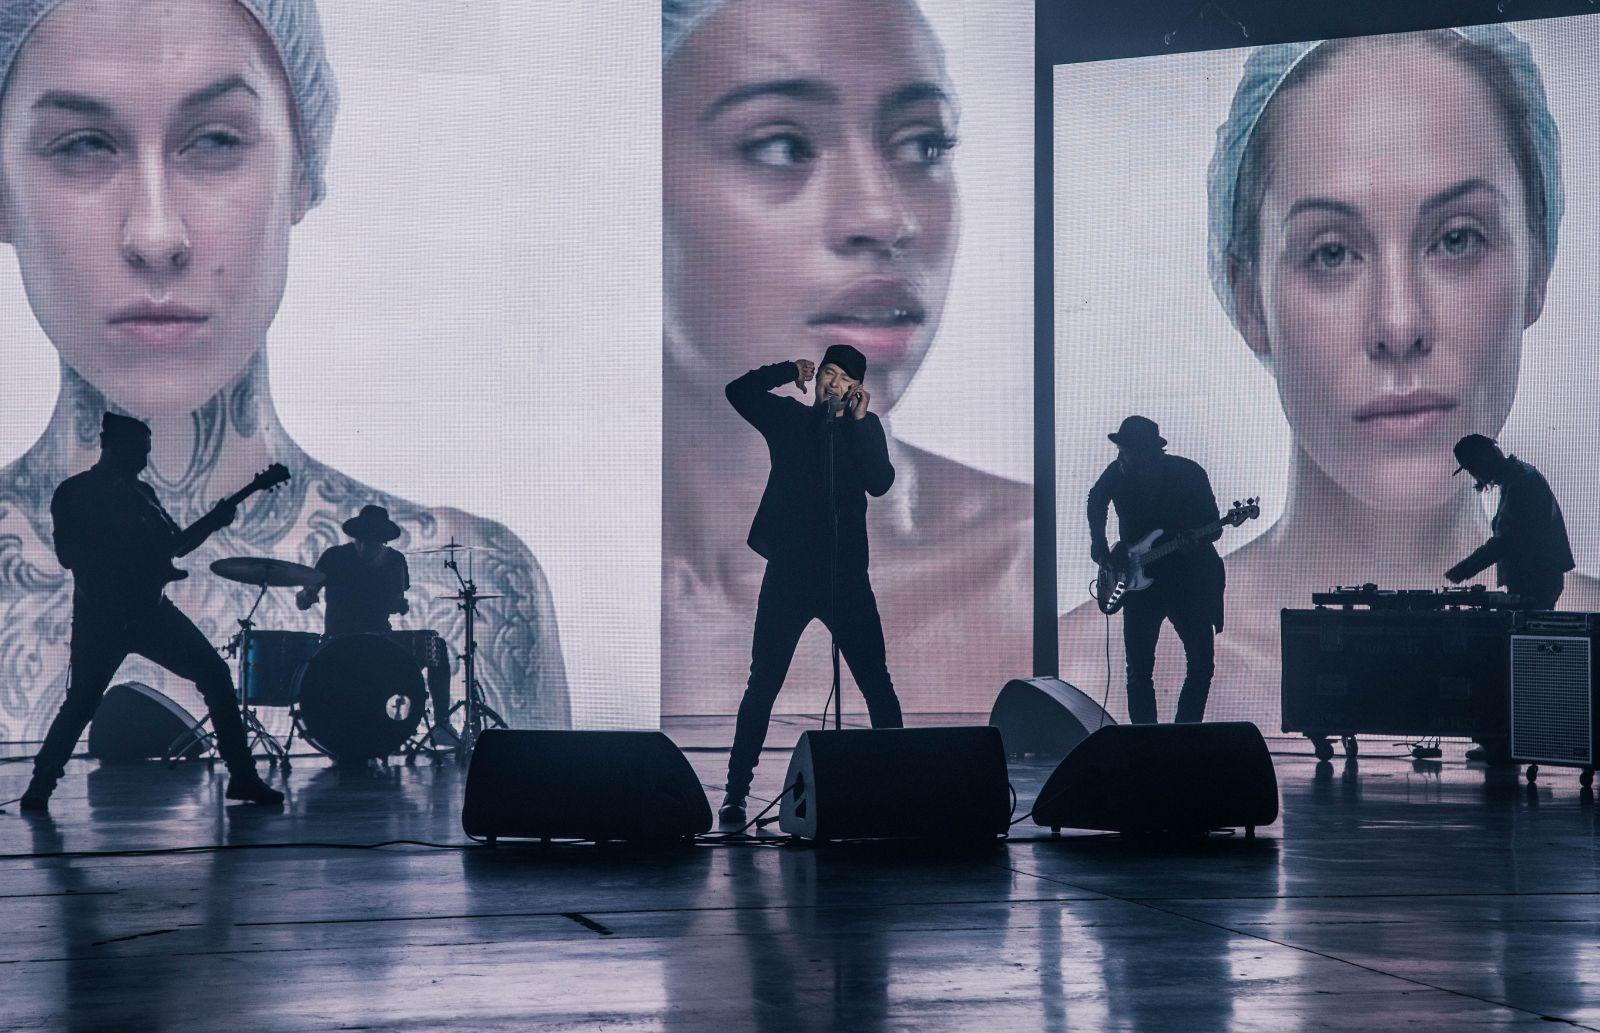 """Группа """"Бумбокс"""" сняла клип о силиконово-ботоксной красоте"""